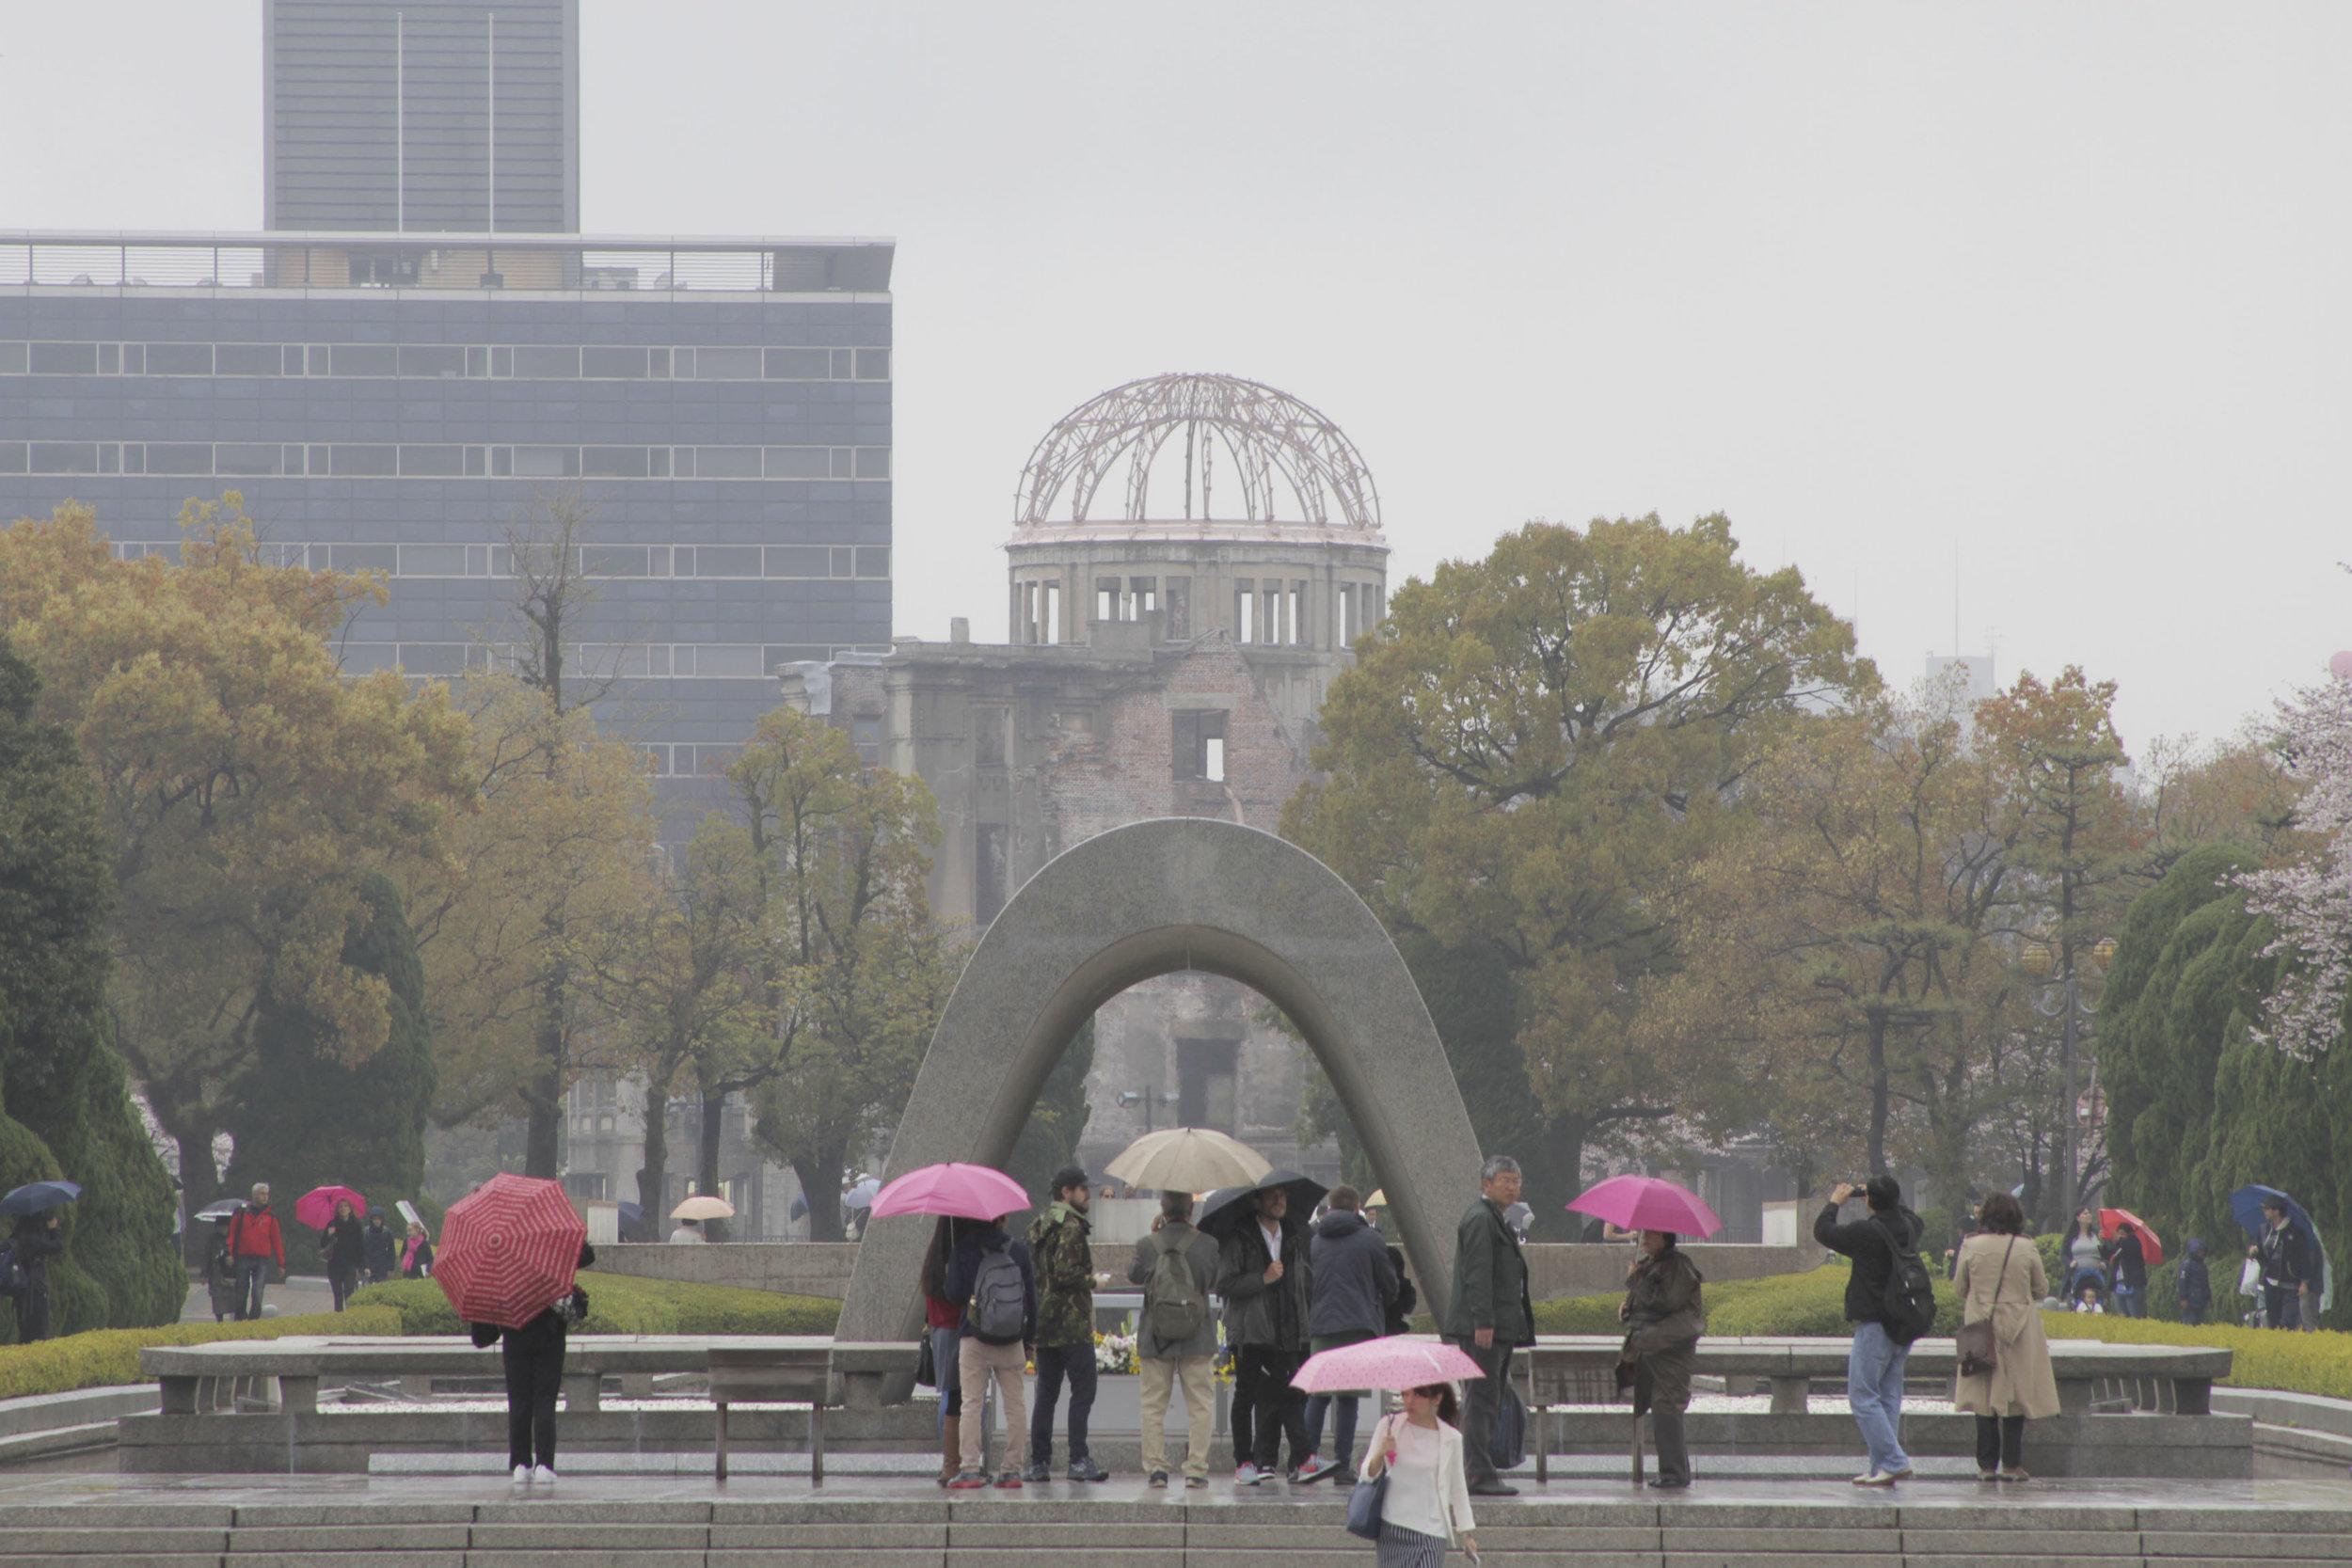 O arco logo à frente é onde está o Cenotáfio, logo depois dele está a Chama da Paz e, ao fundo, o Domo da Bomba Atômica (antigo Centro de Promoção Industrial).